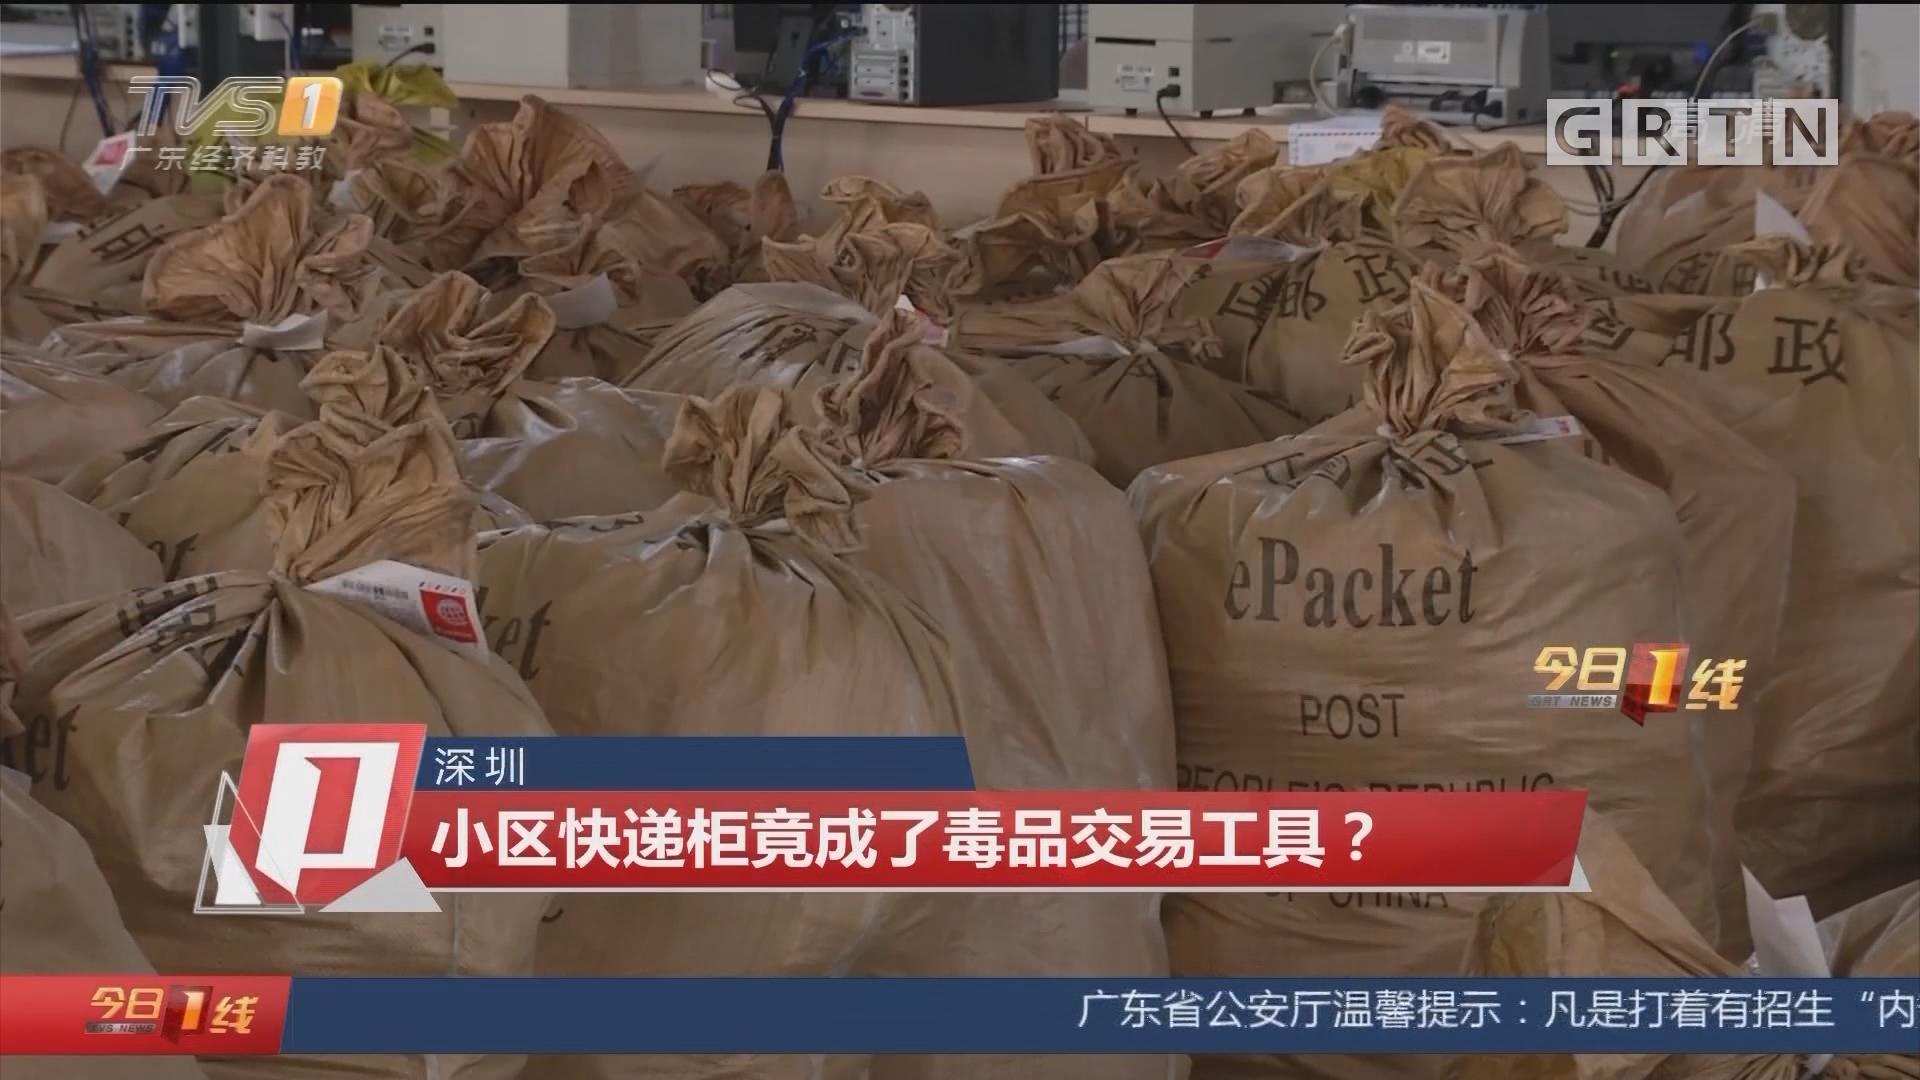 深圳:小区快递柜竟成了毒品交易工具?